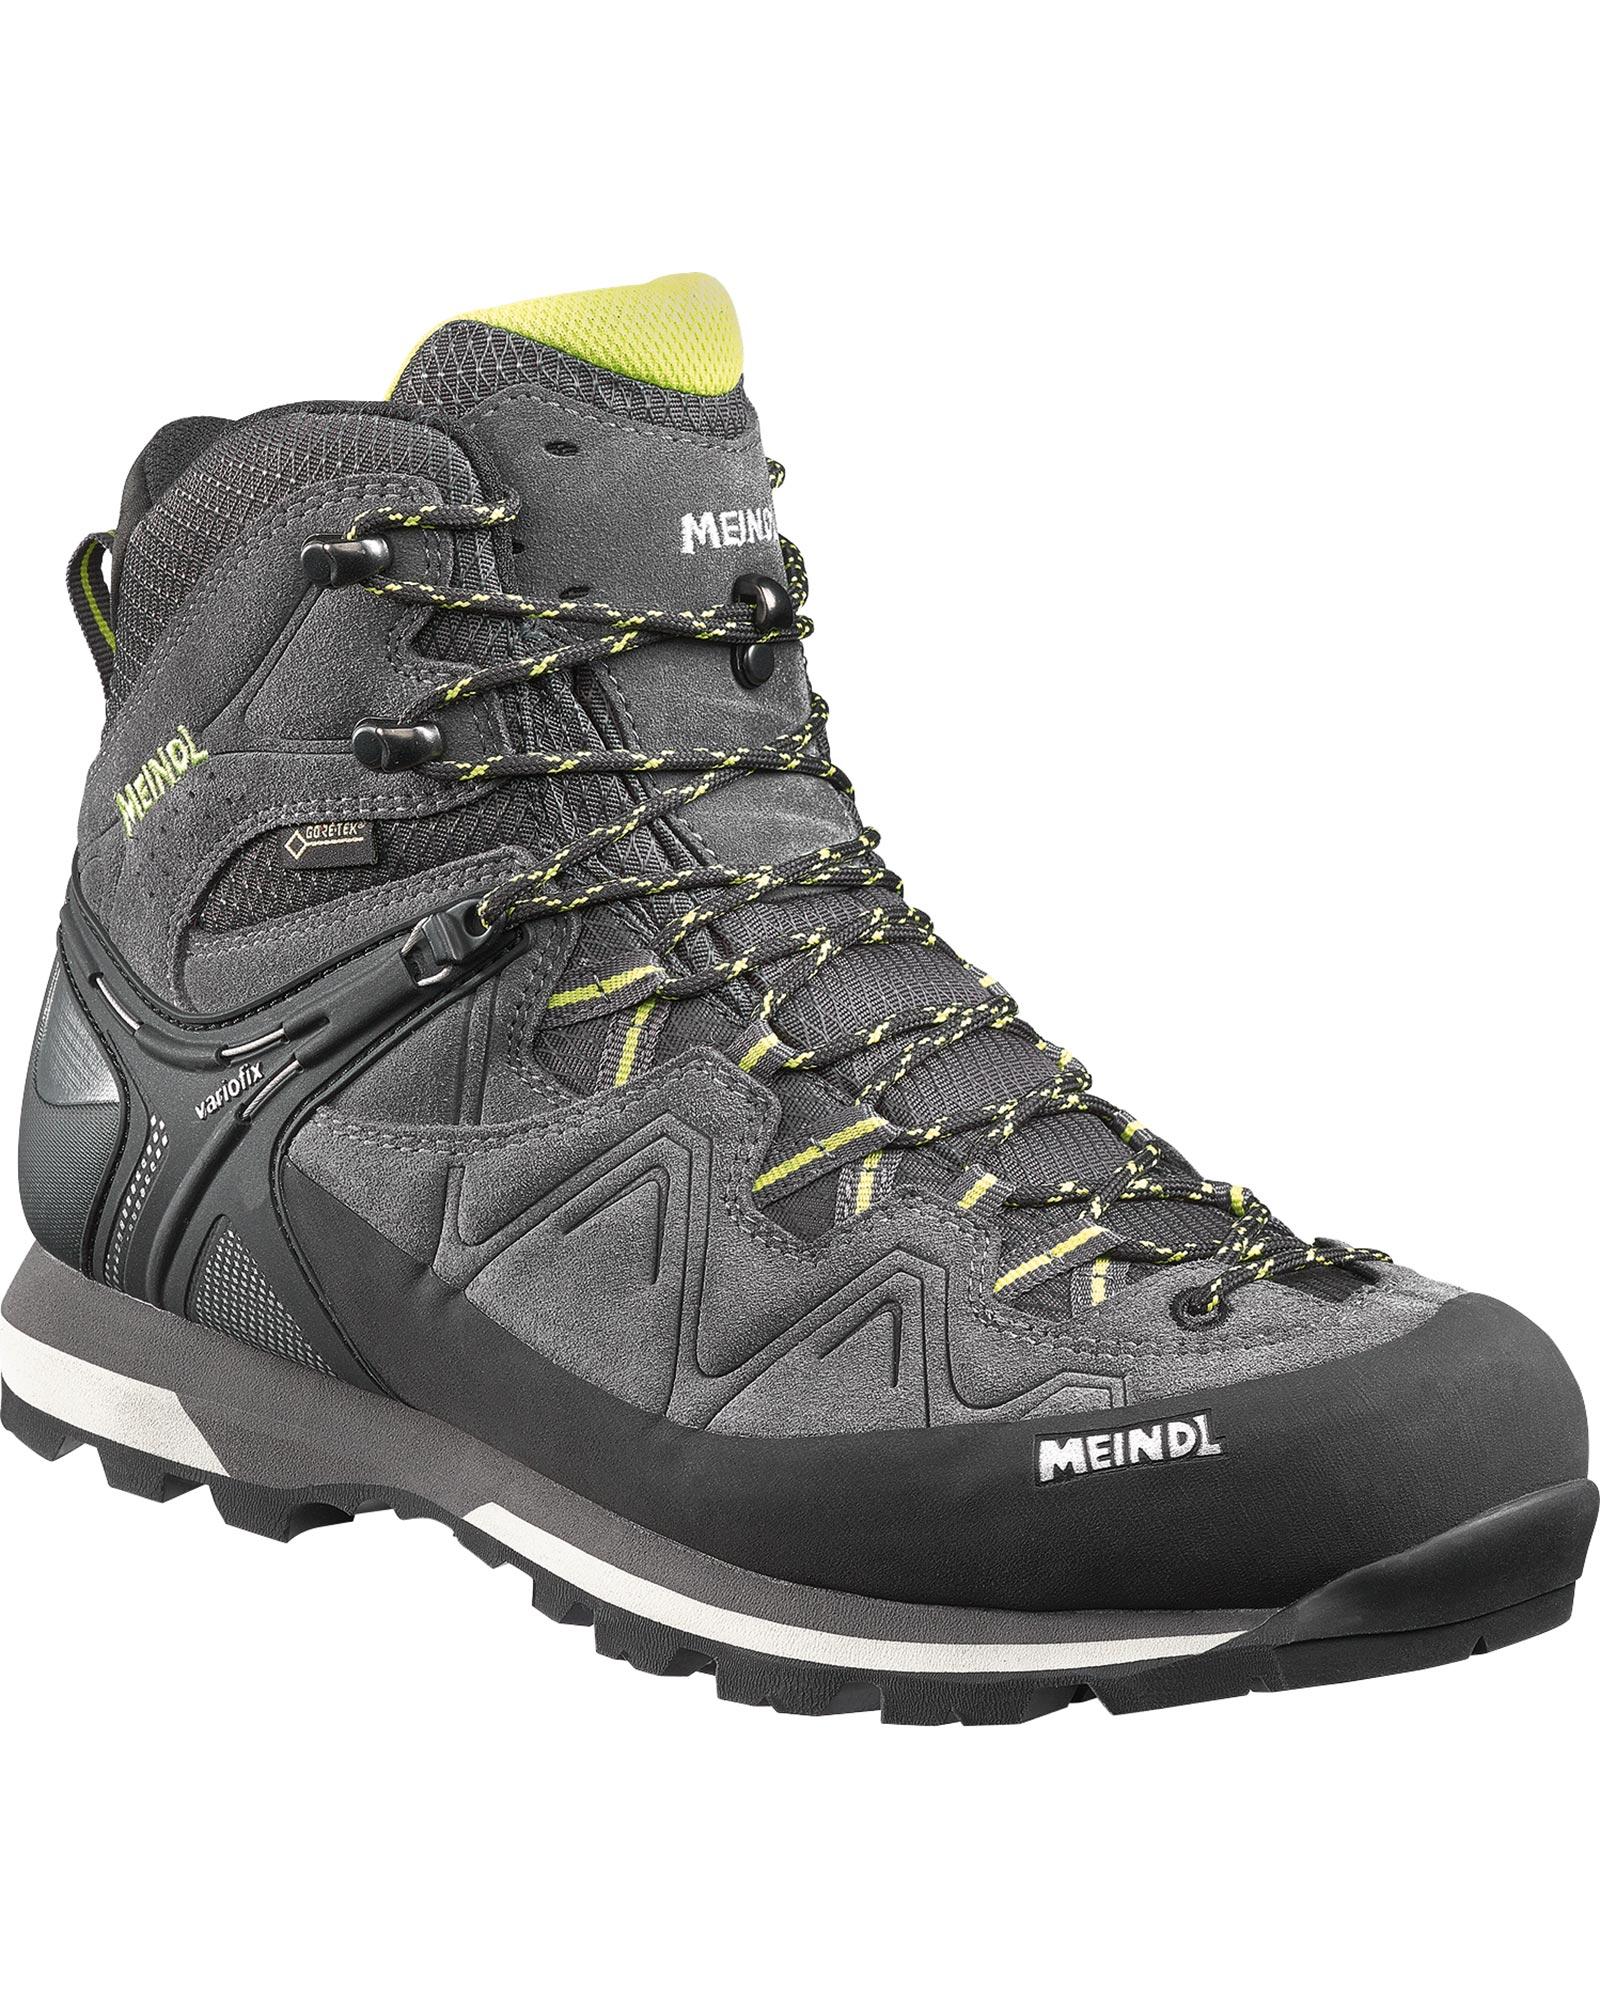 Meindl Men's Tonale GORE-TEX Walking Boots Anthacite/Lemon 0